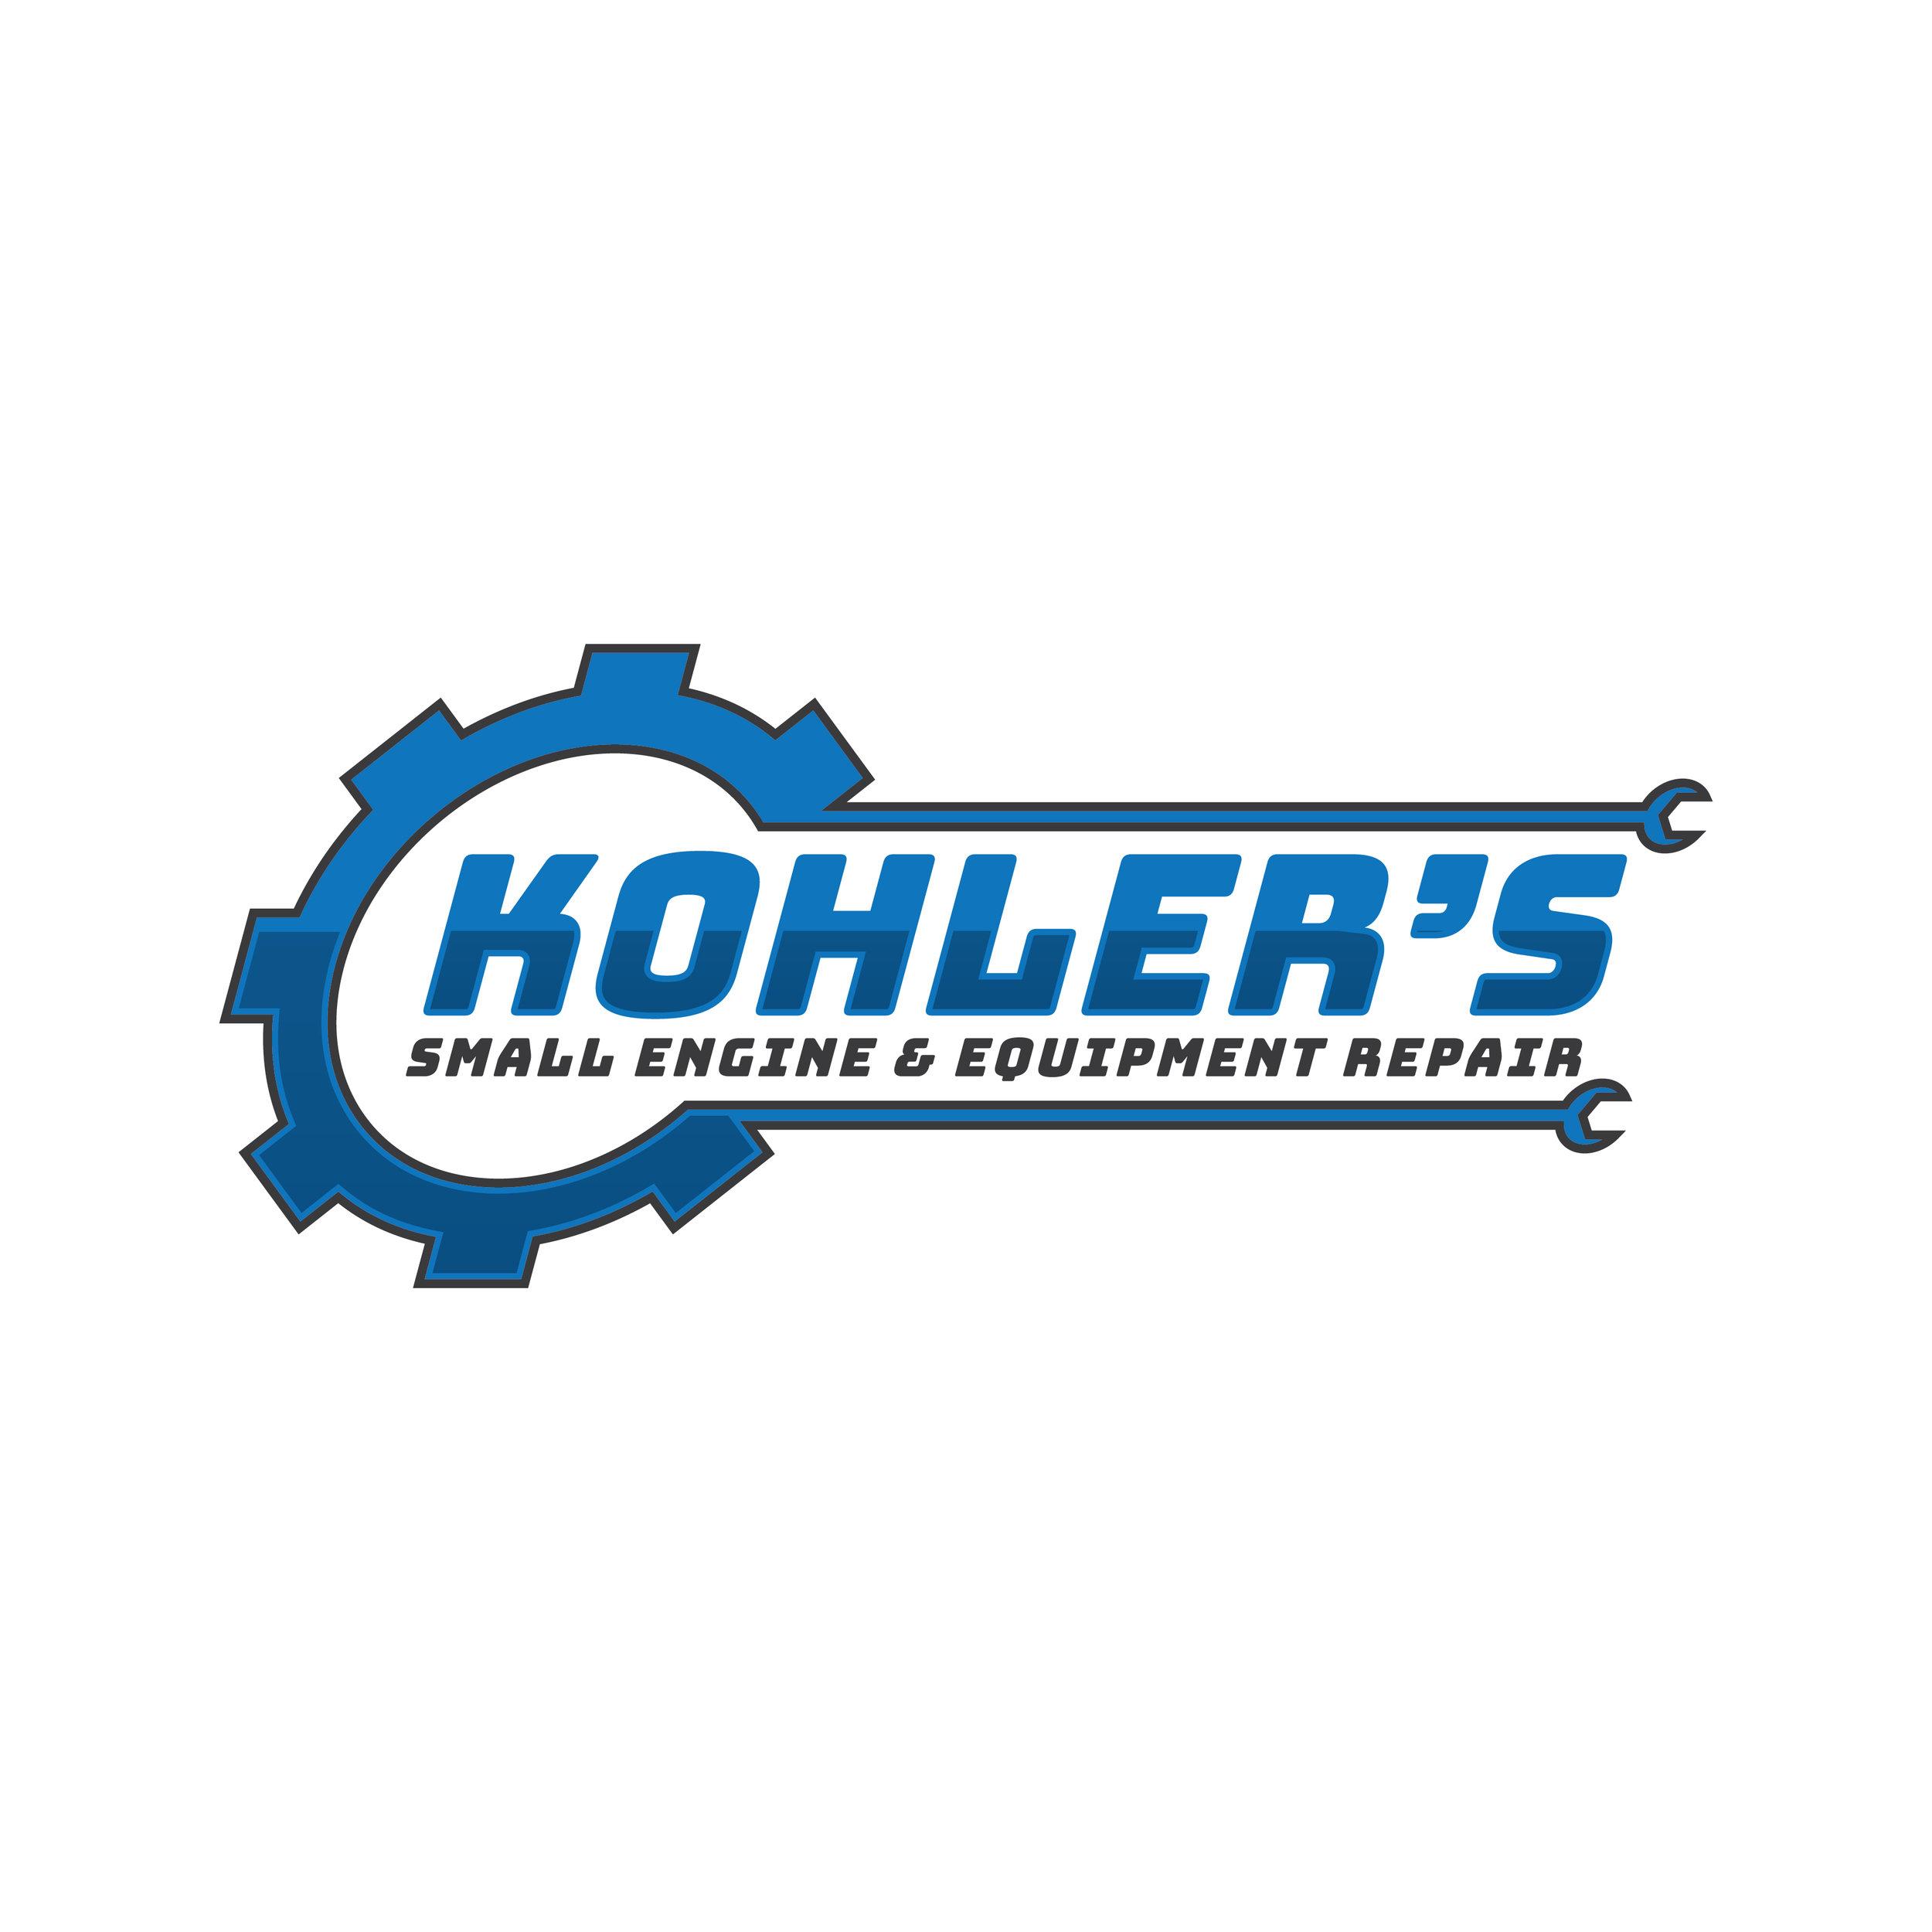 Kohlers-Logo-Blue-01.jpg